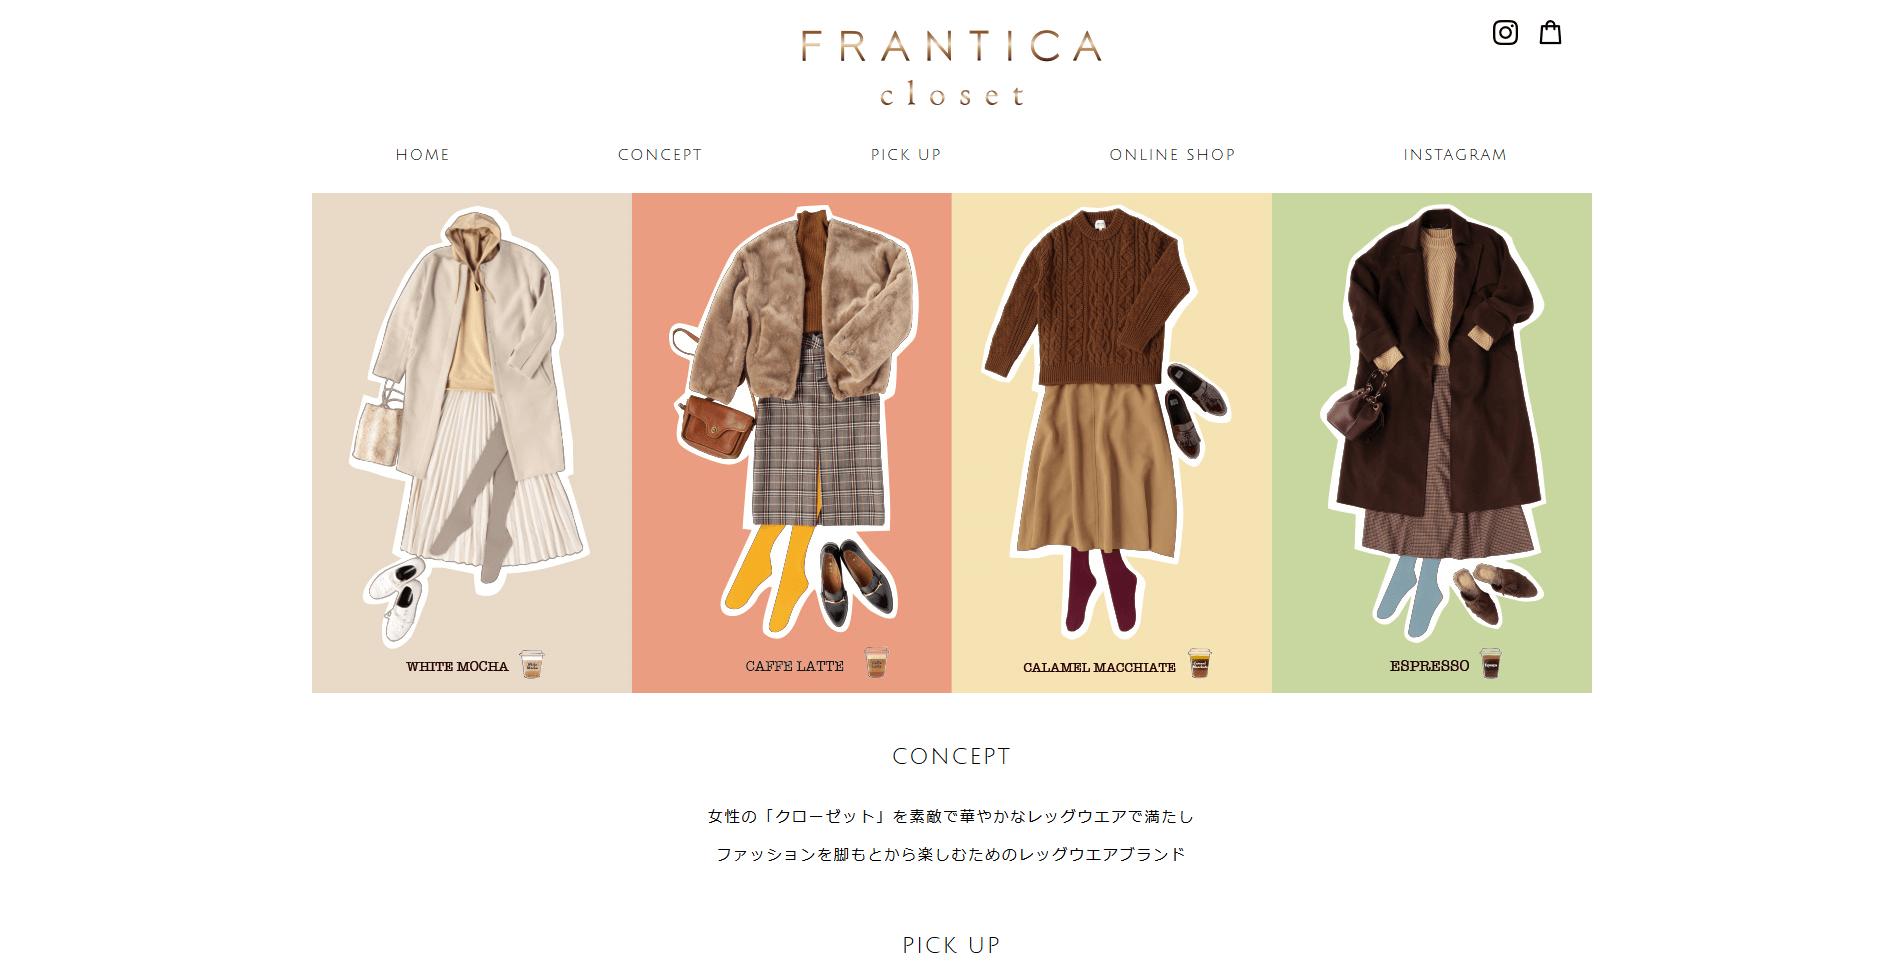 【最新】勝手にホームページリニューアル分析〜FRANTICA closet編〜